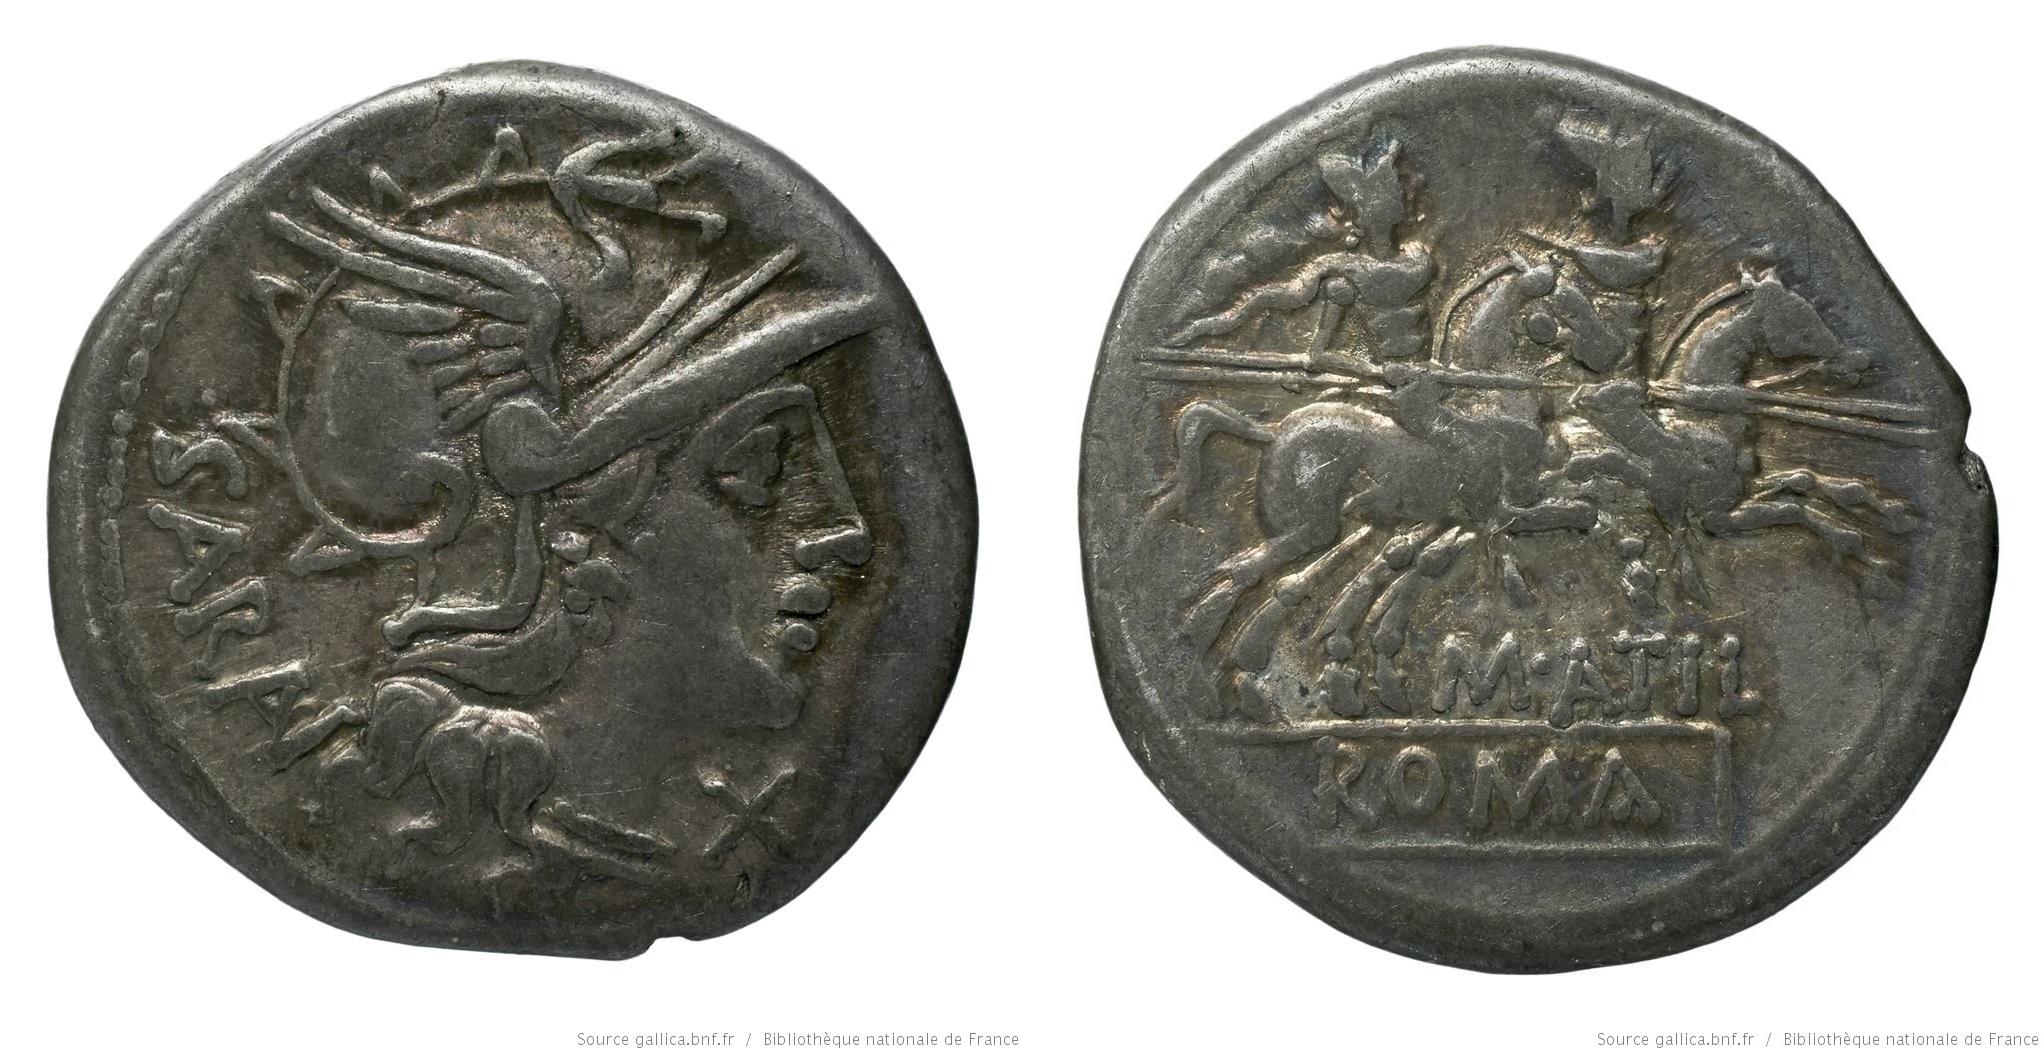 863AT – Denier Atilia – Marcus Atilius Saranus